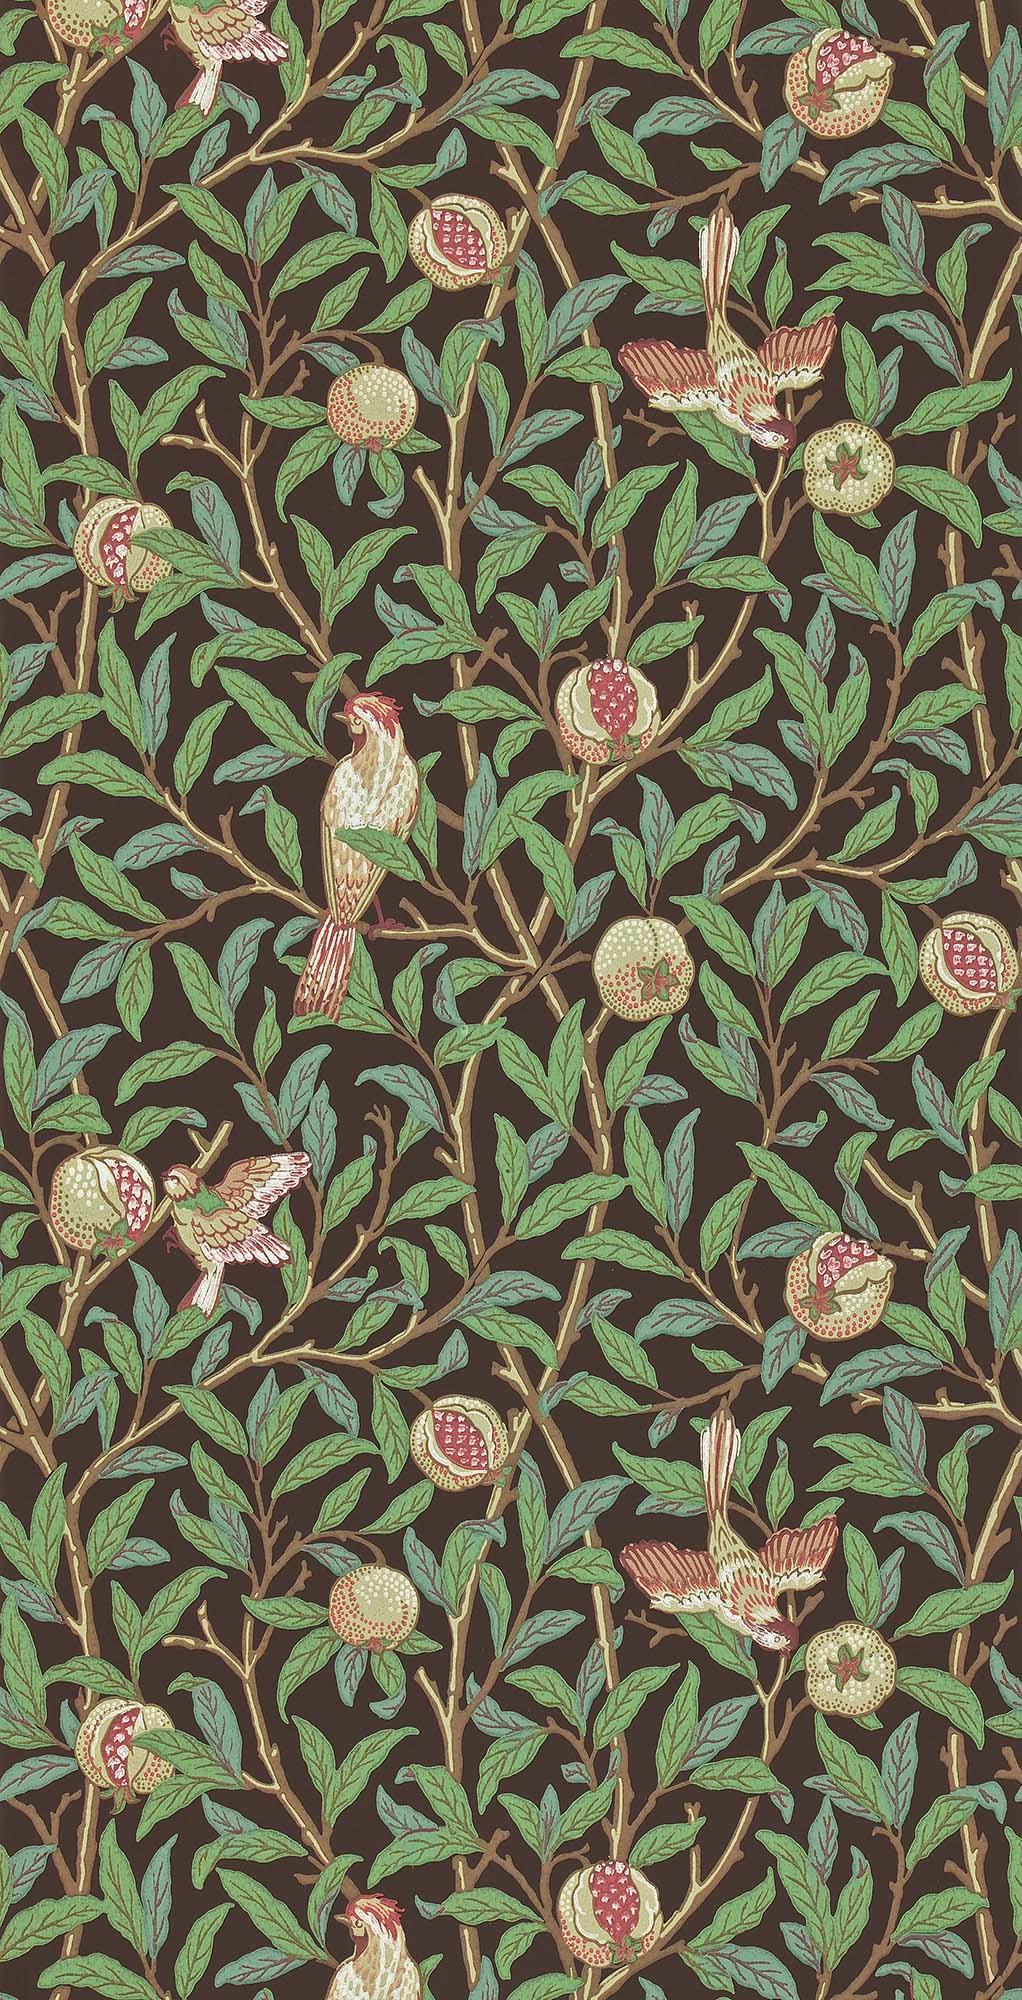 ウィリアムモリス壁紙 Bird & Pomegranate 212537